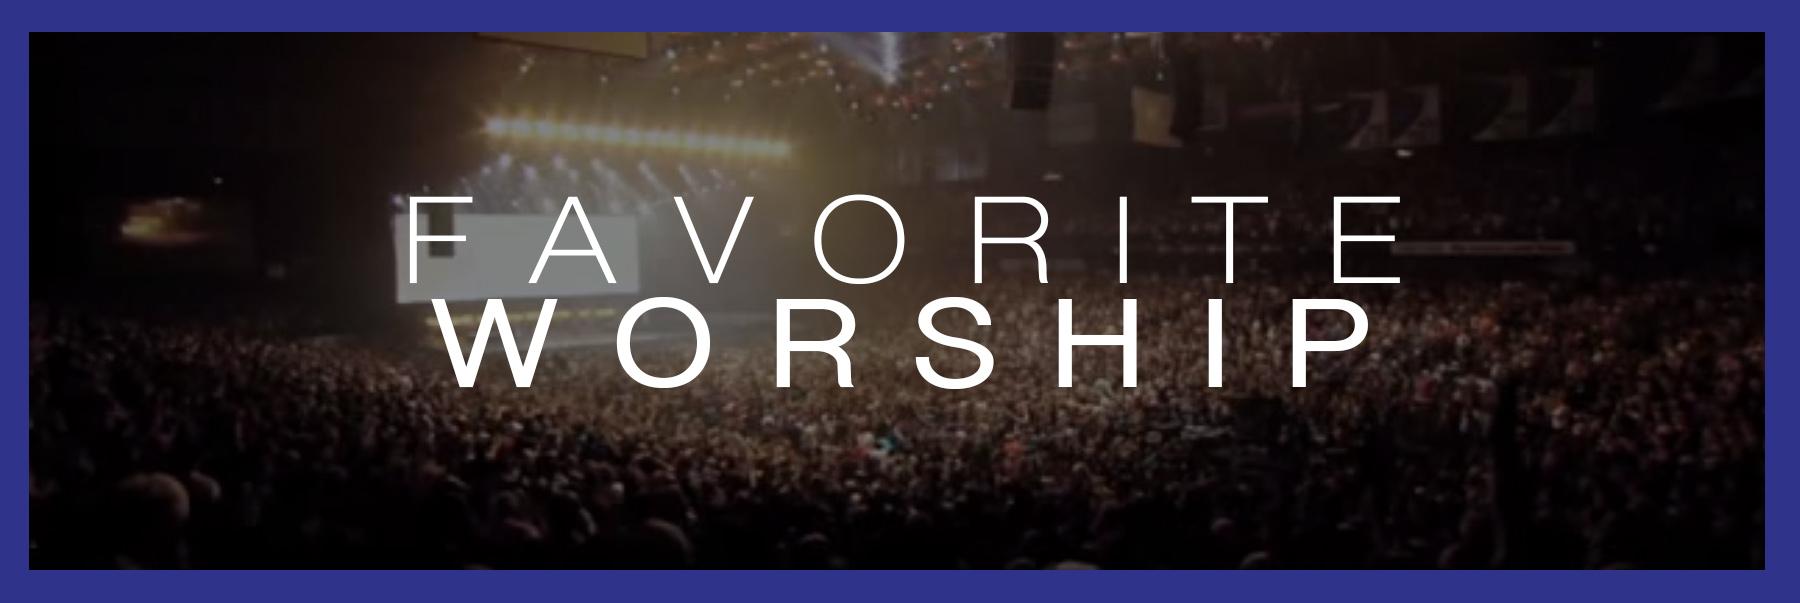 favorite worship.jpg